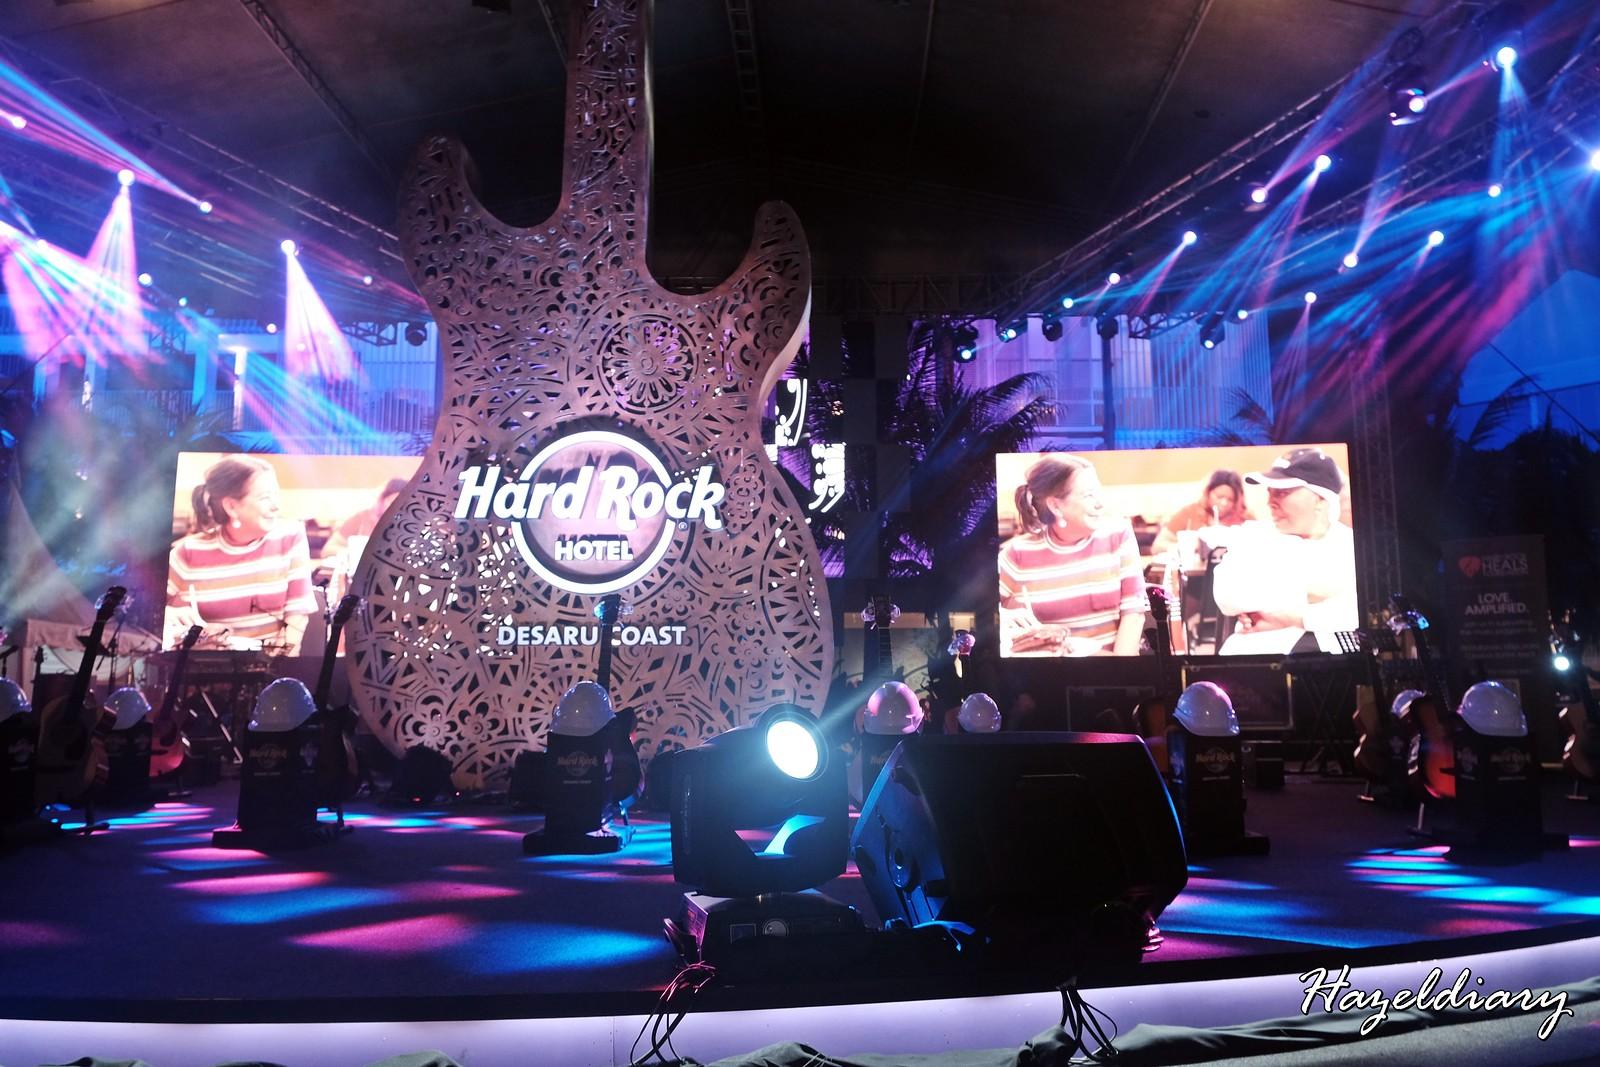 Hard Rock Hotel Desaru Coast-4